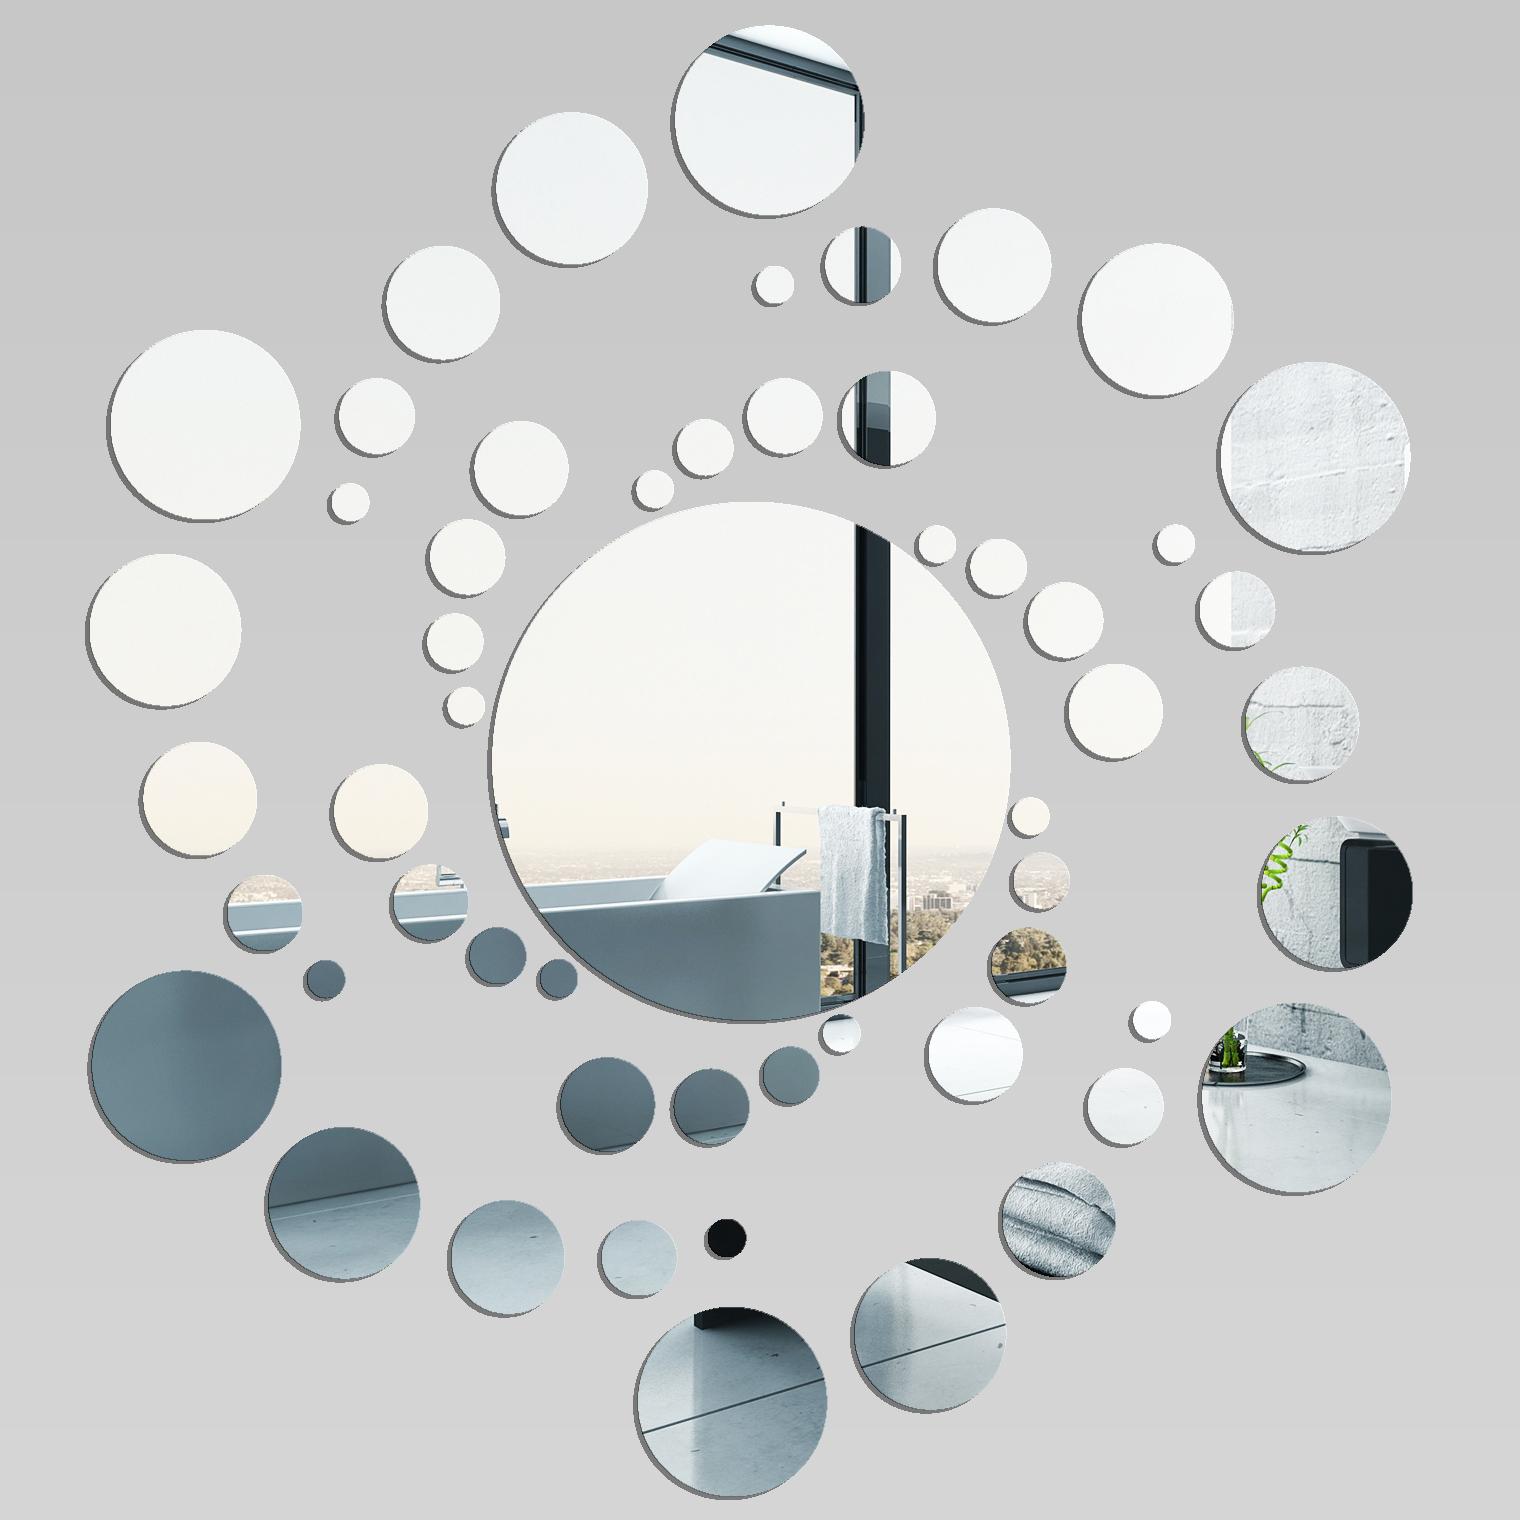 Specchi Decorativi Da Parete.Specchi Decorativi Simple Interesting Specchi Adesivi Ikea